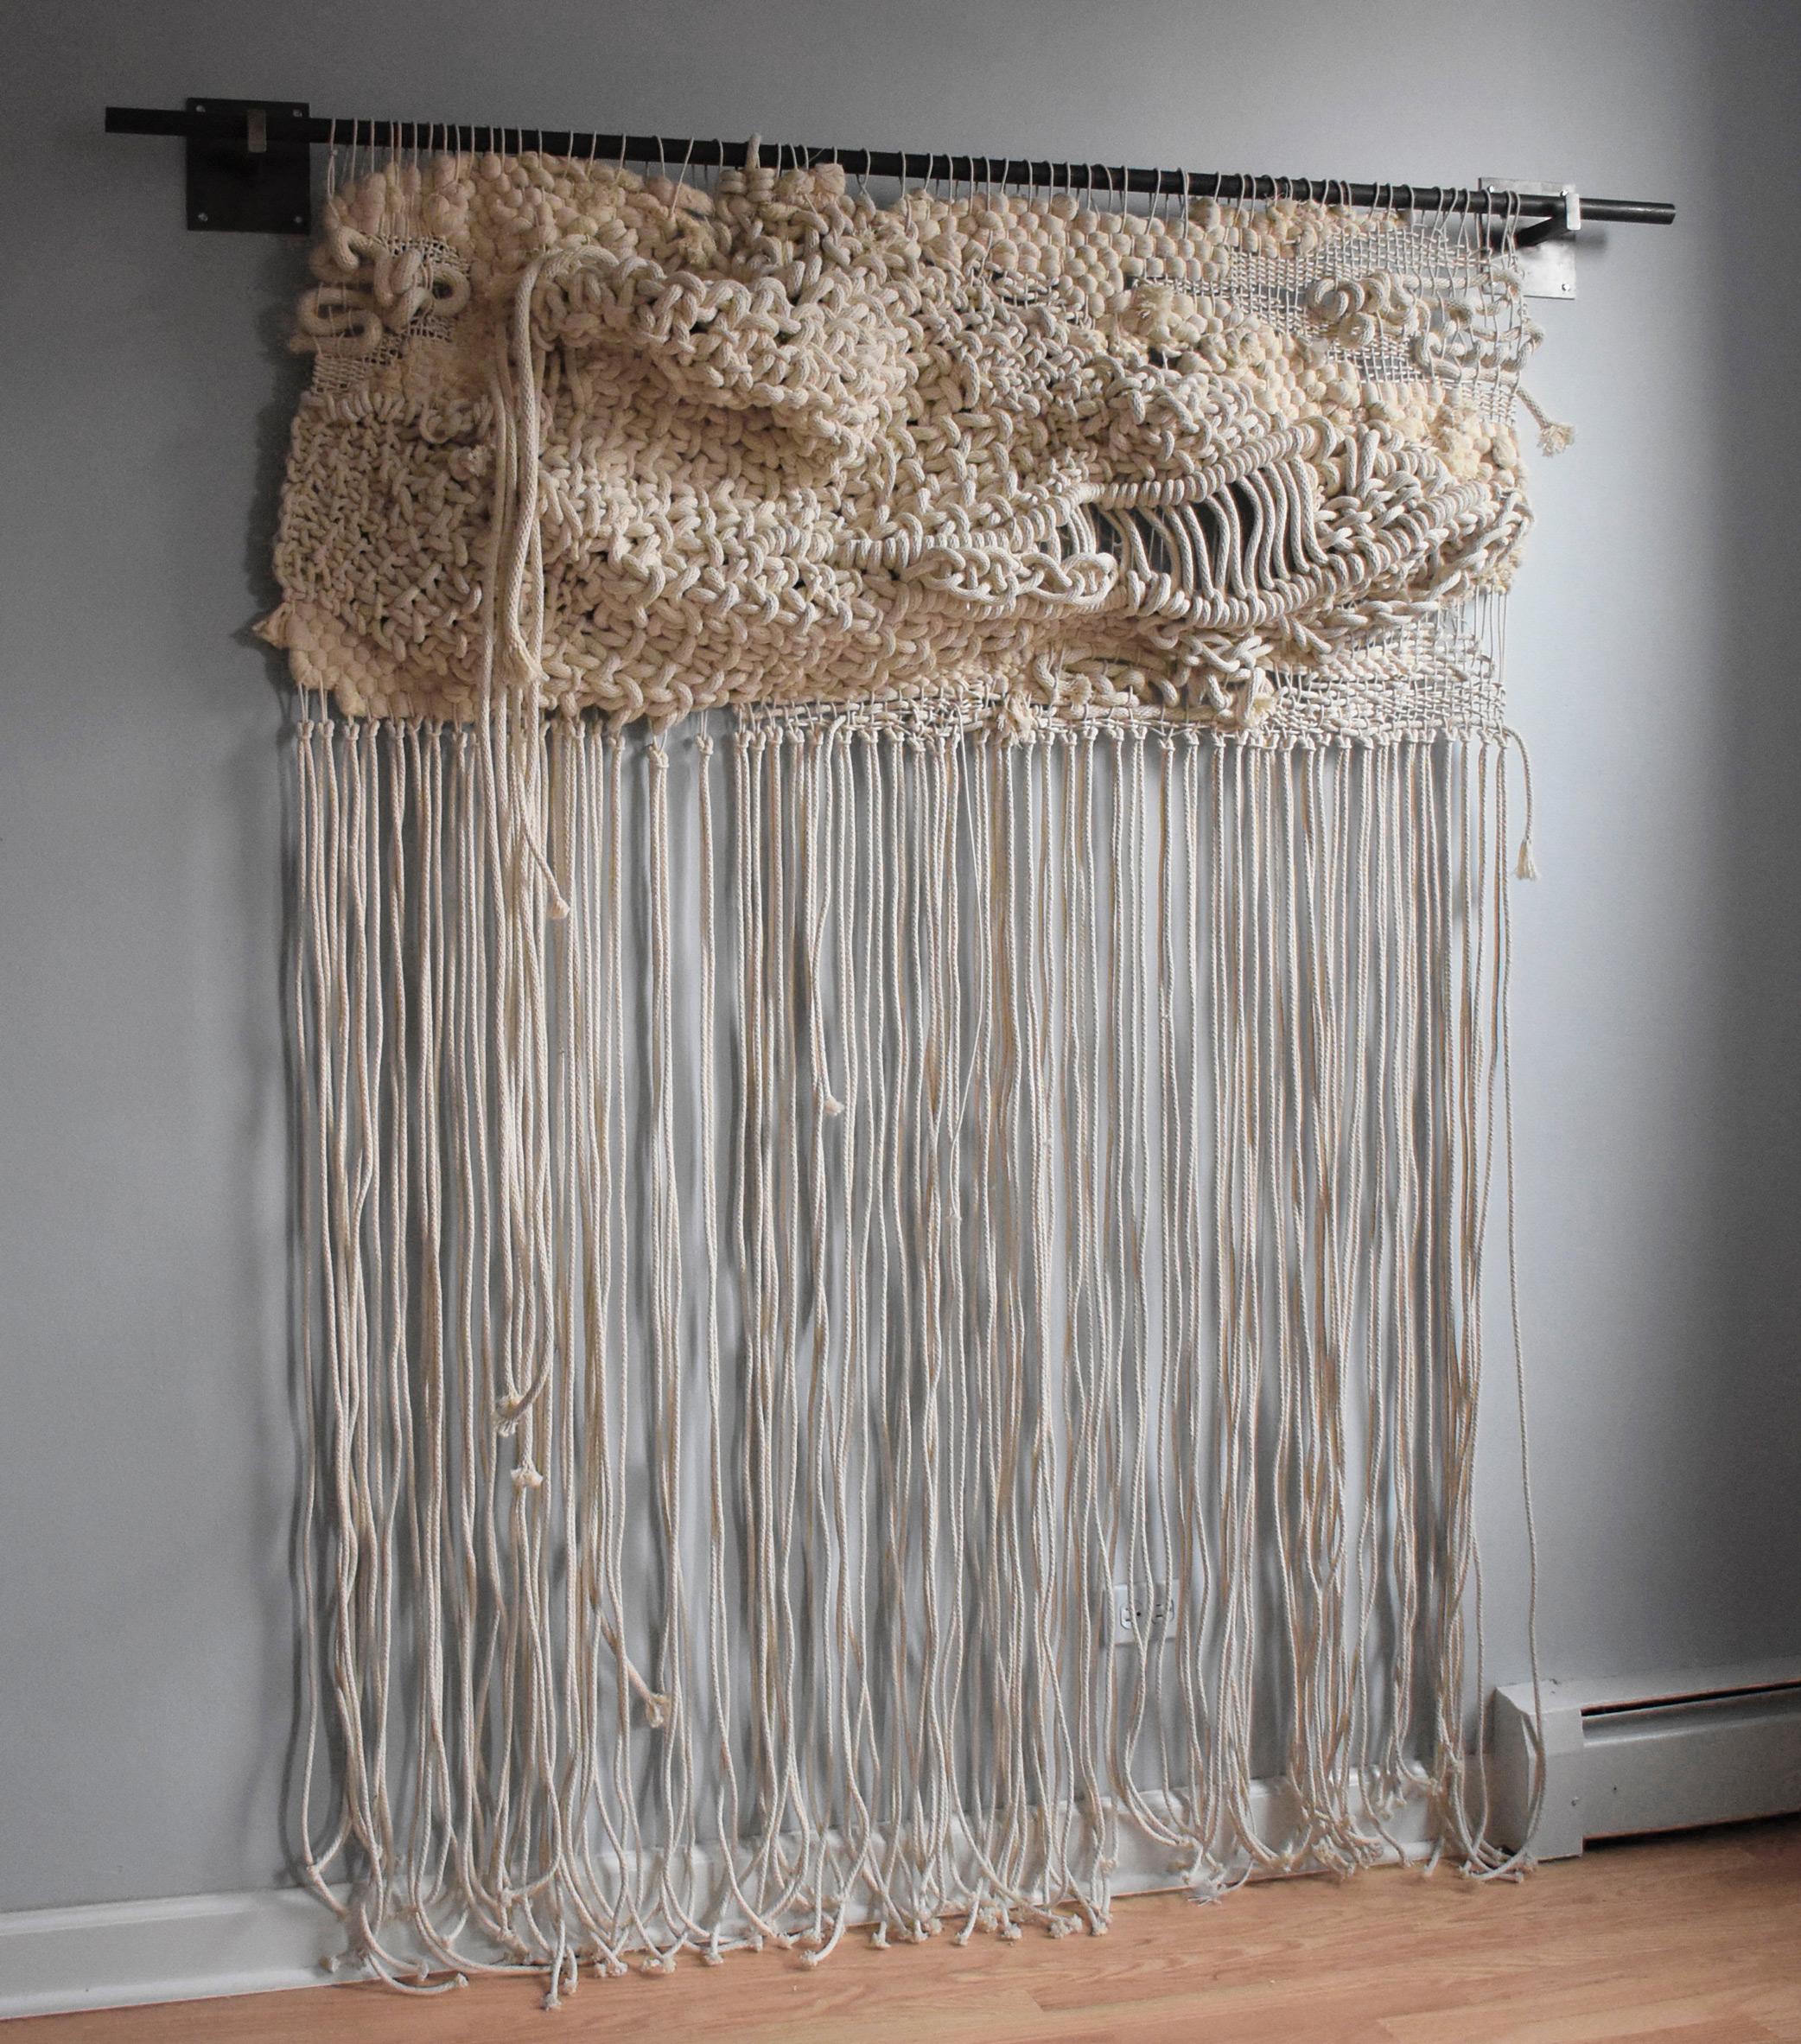 Jacqueline-Surdell-Artist-Sculpture-Like-A-Sky-Failing-Itself-10.jpg